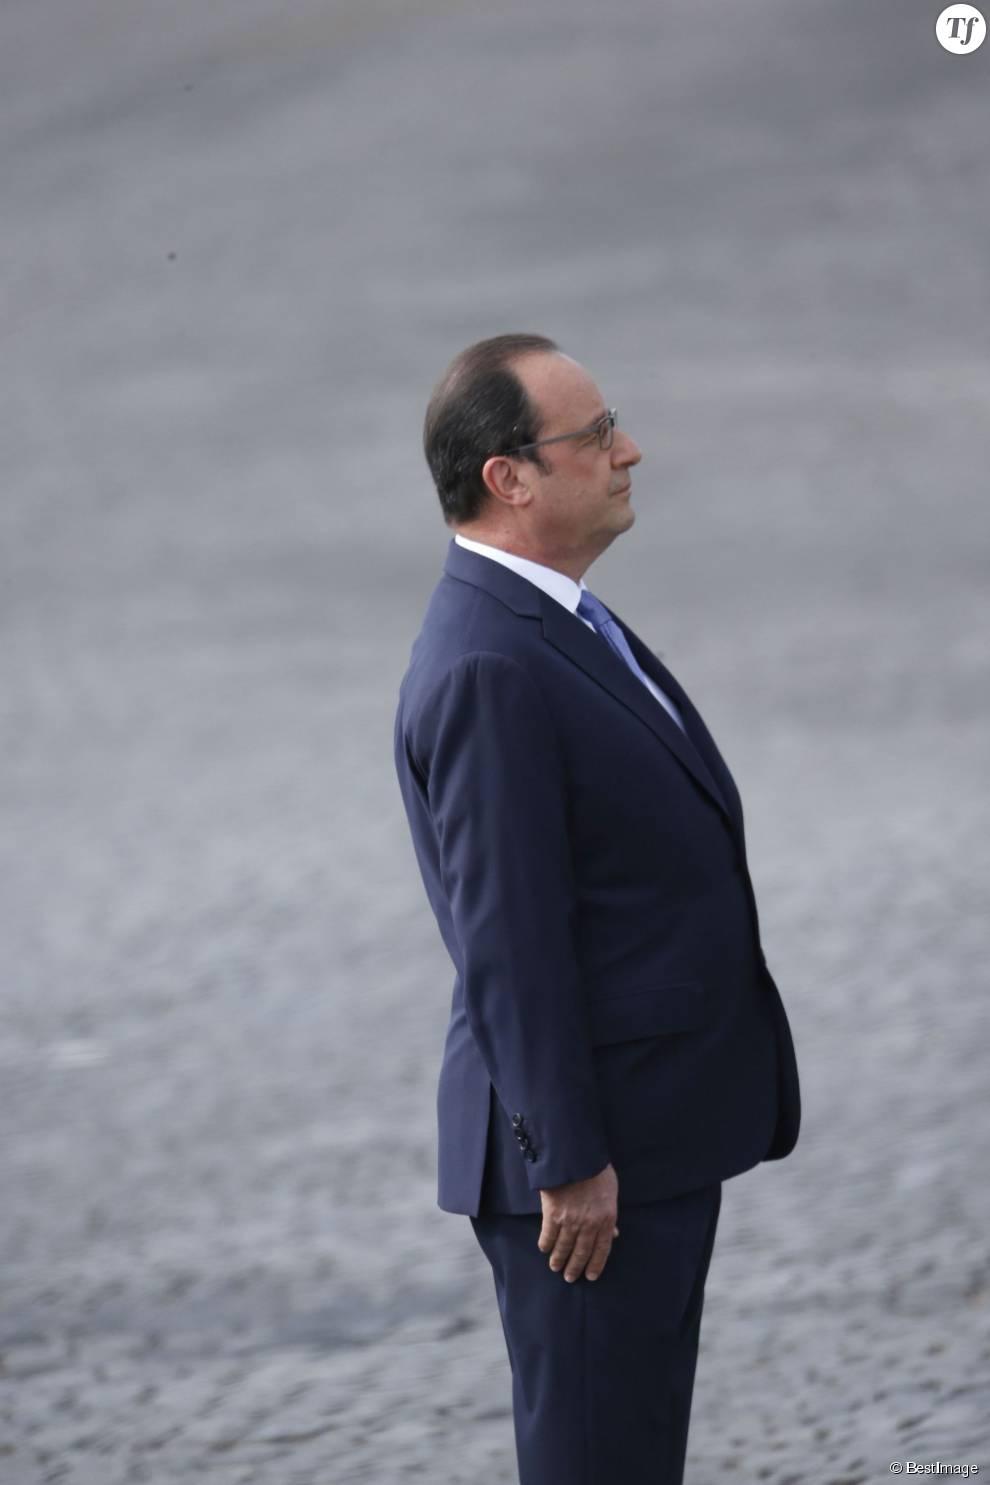 Loin de sa posture rigide de Président, François Hollande va enfin pourvoit être lui-même en vacances avec Julie Gayet.